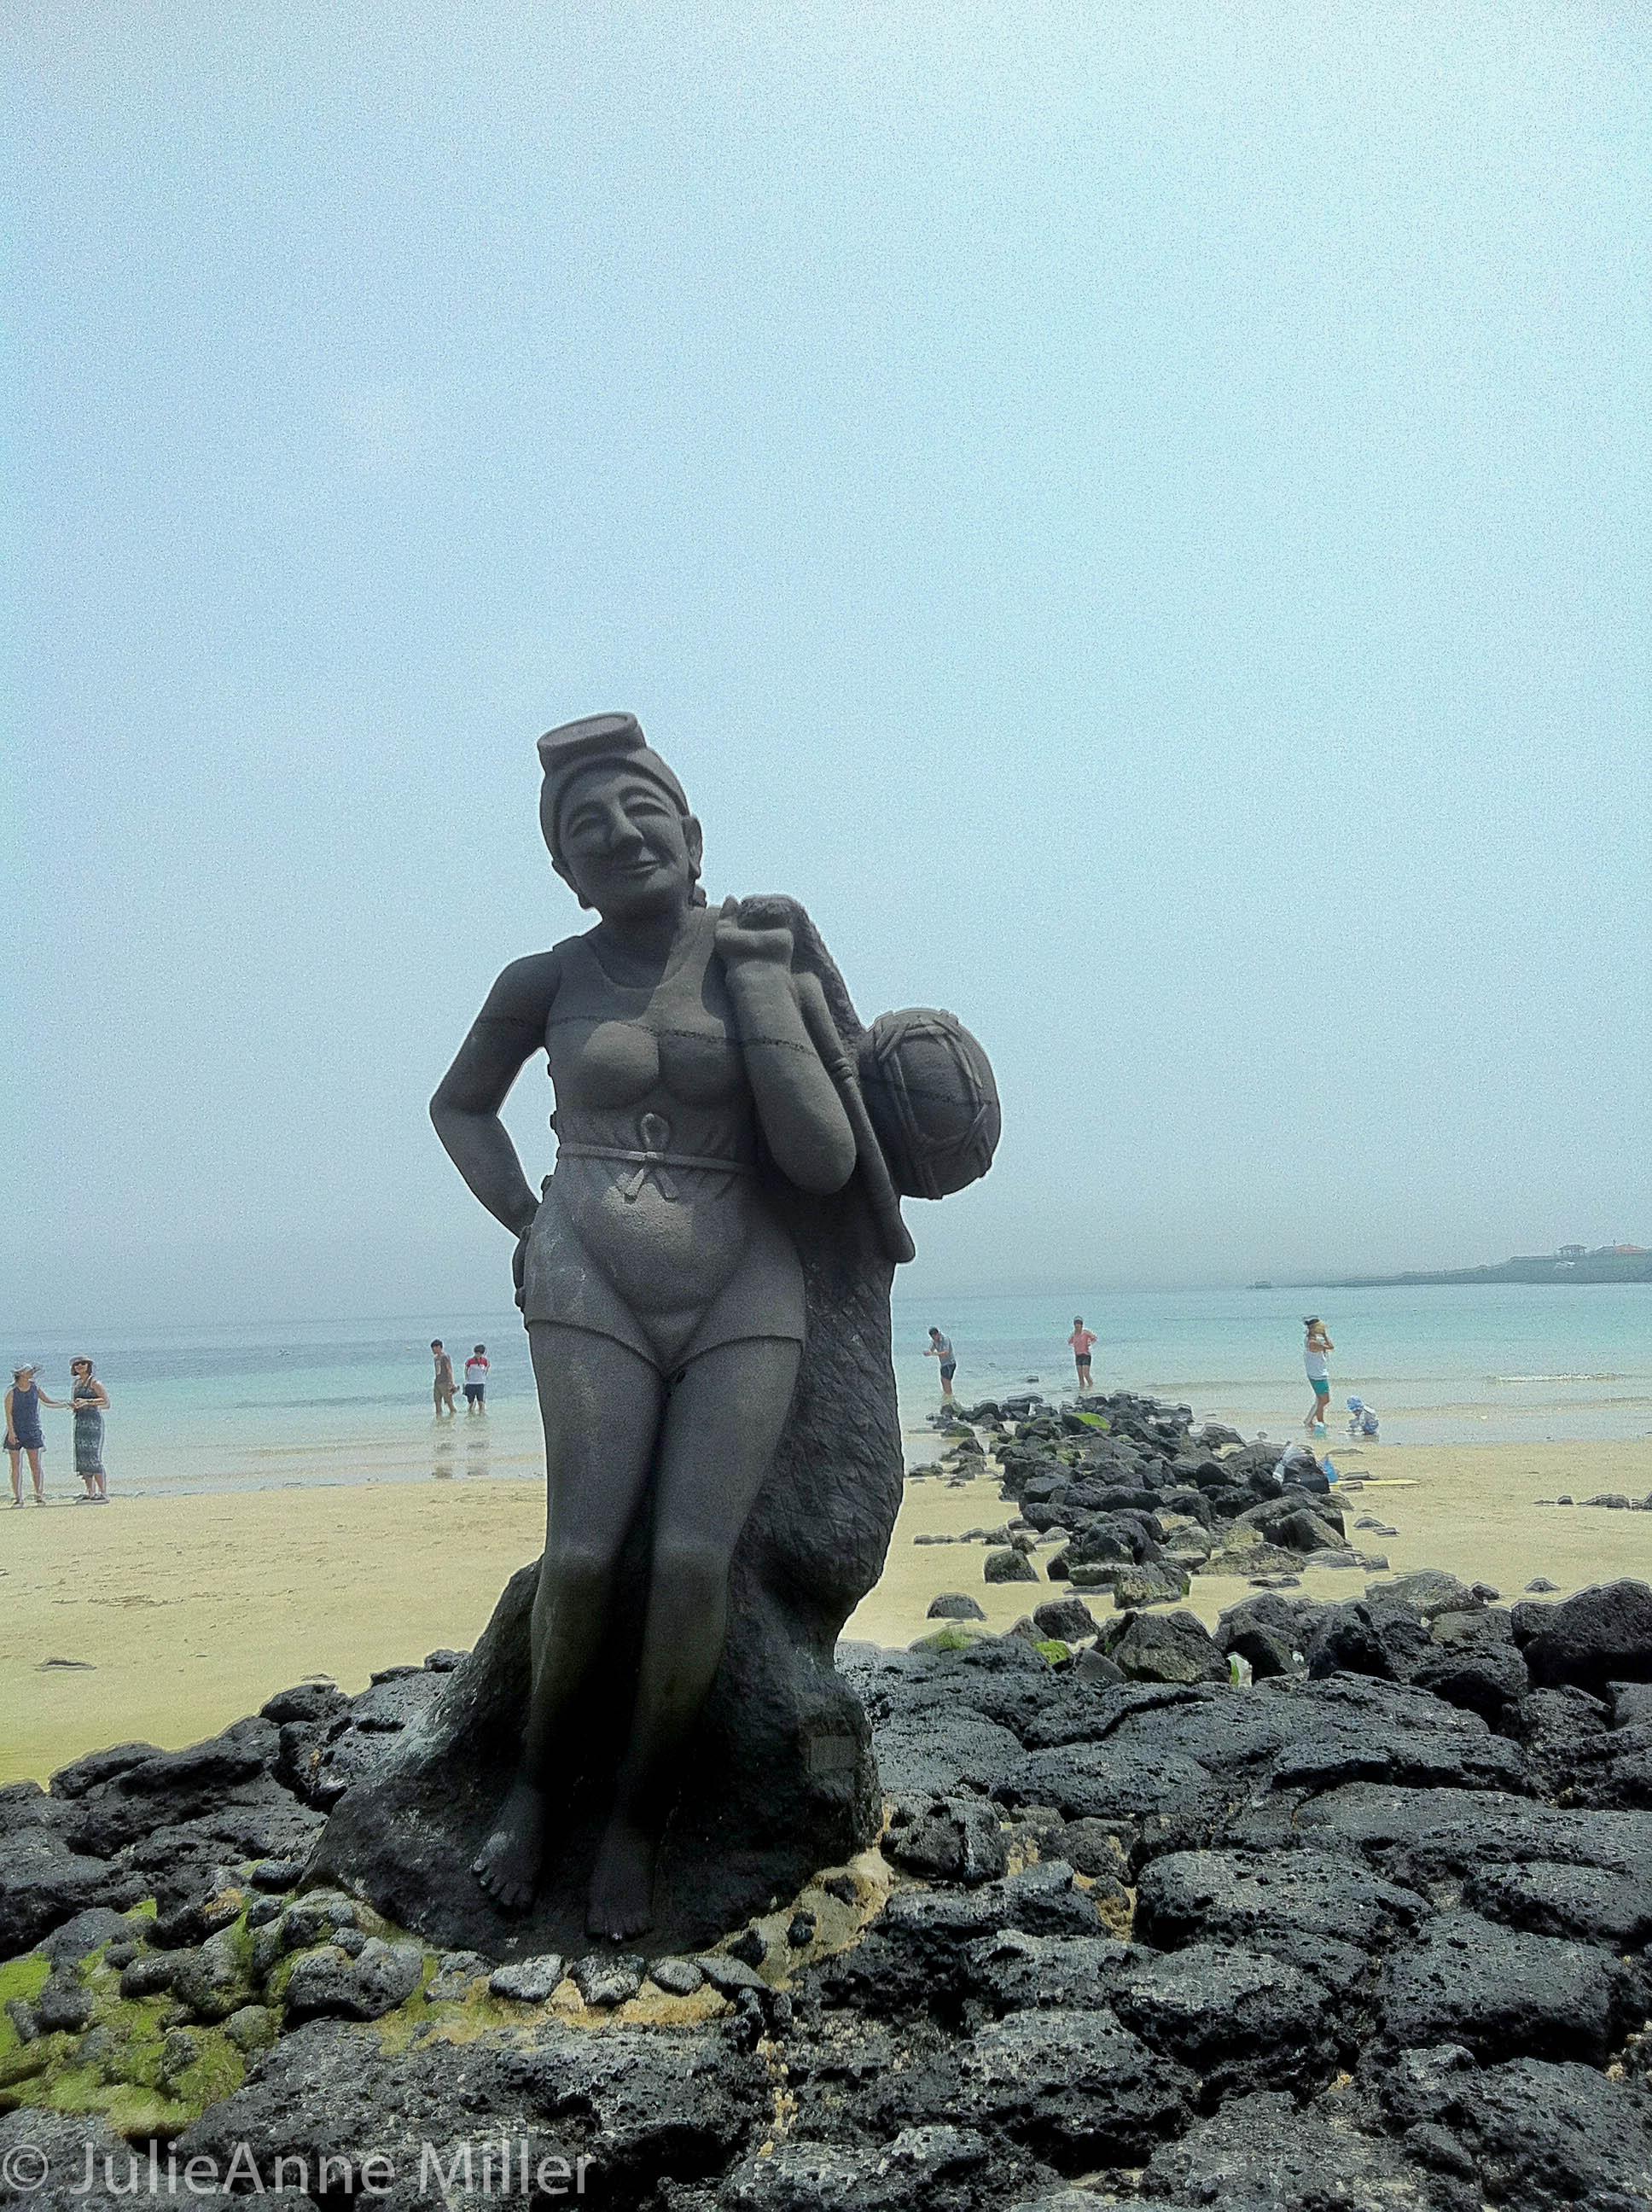 Hagosudong Beach, Udo, Korea